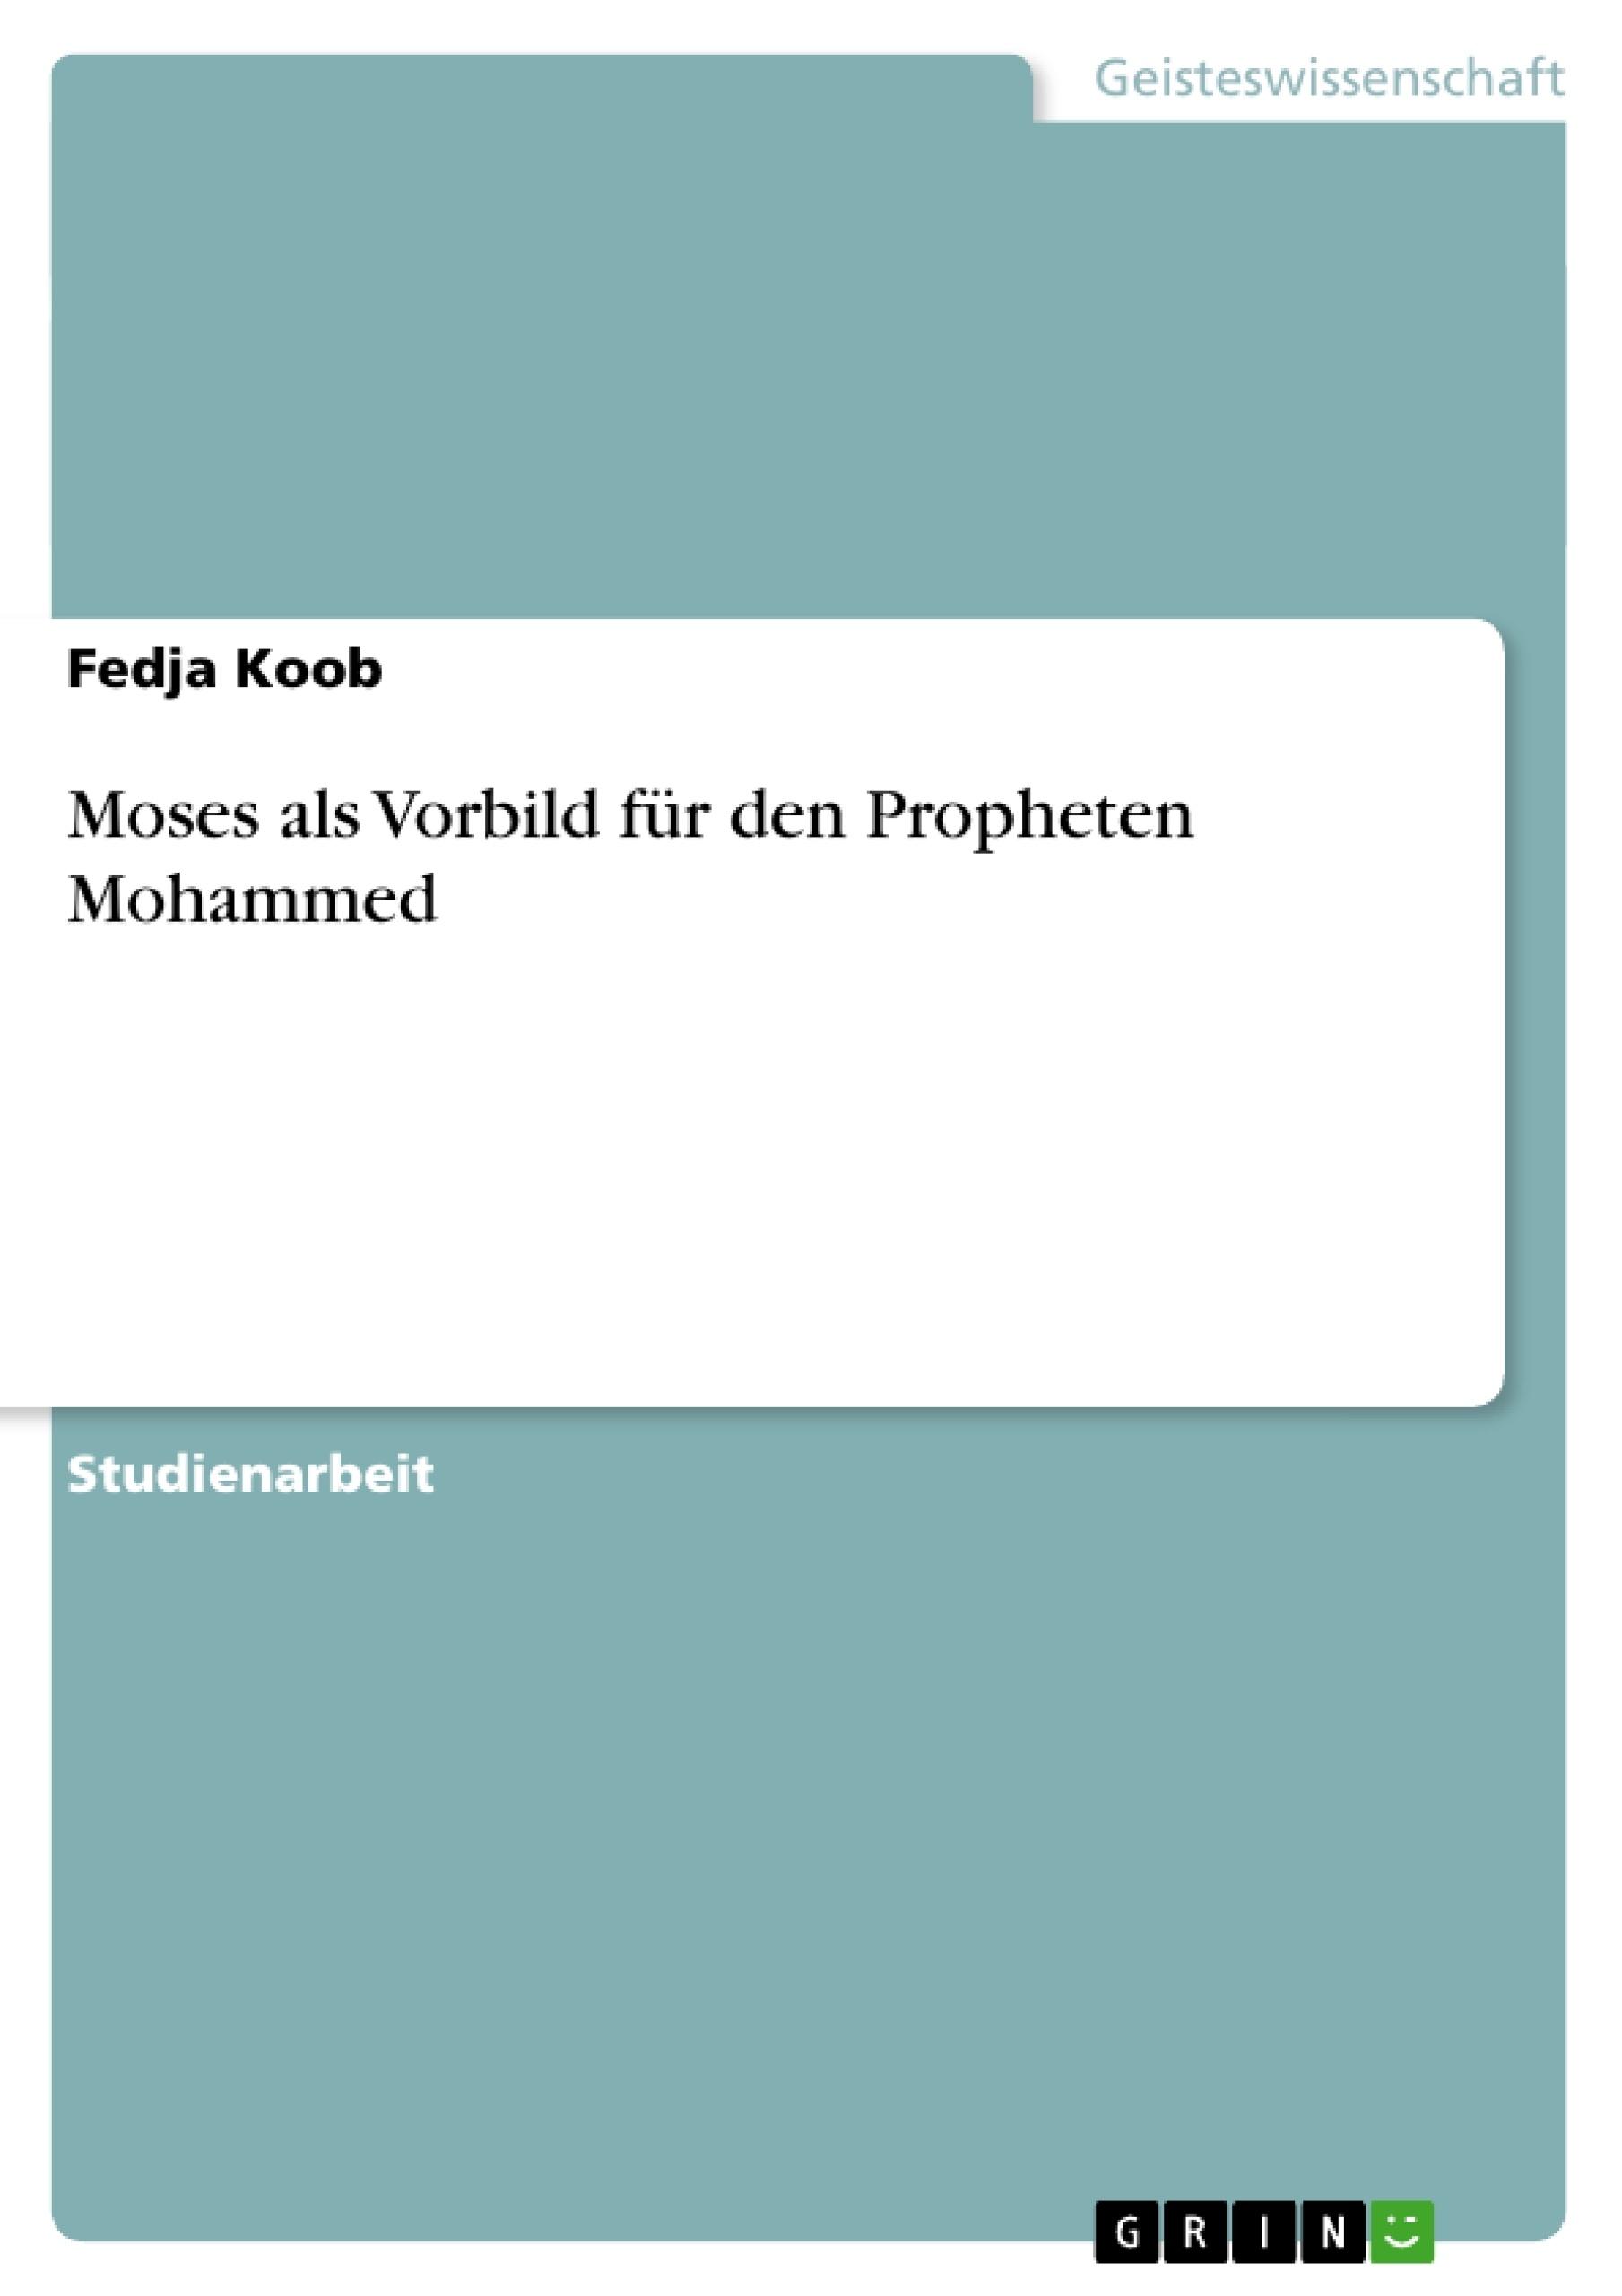 Titel: Moses als Vorbild für den Propheten Mohammed